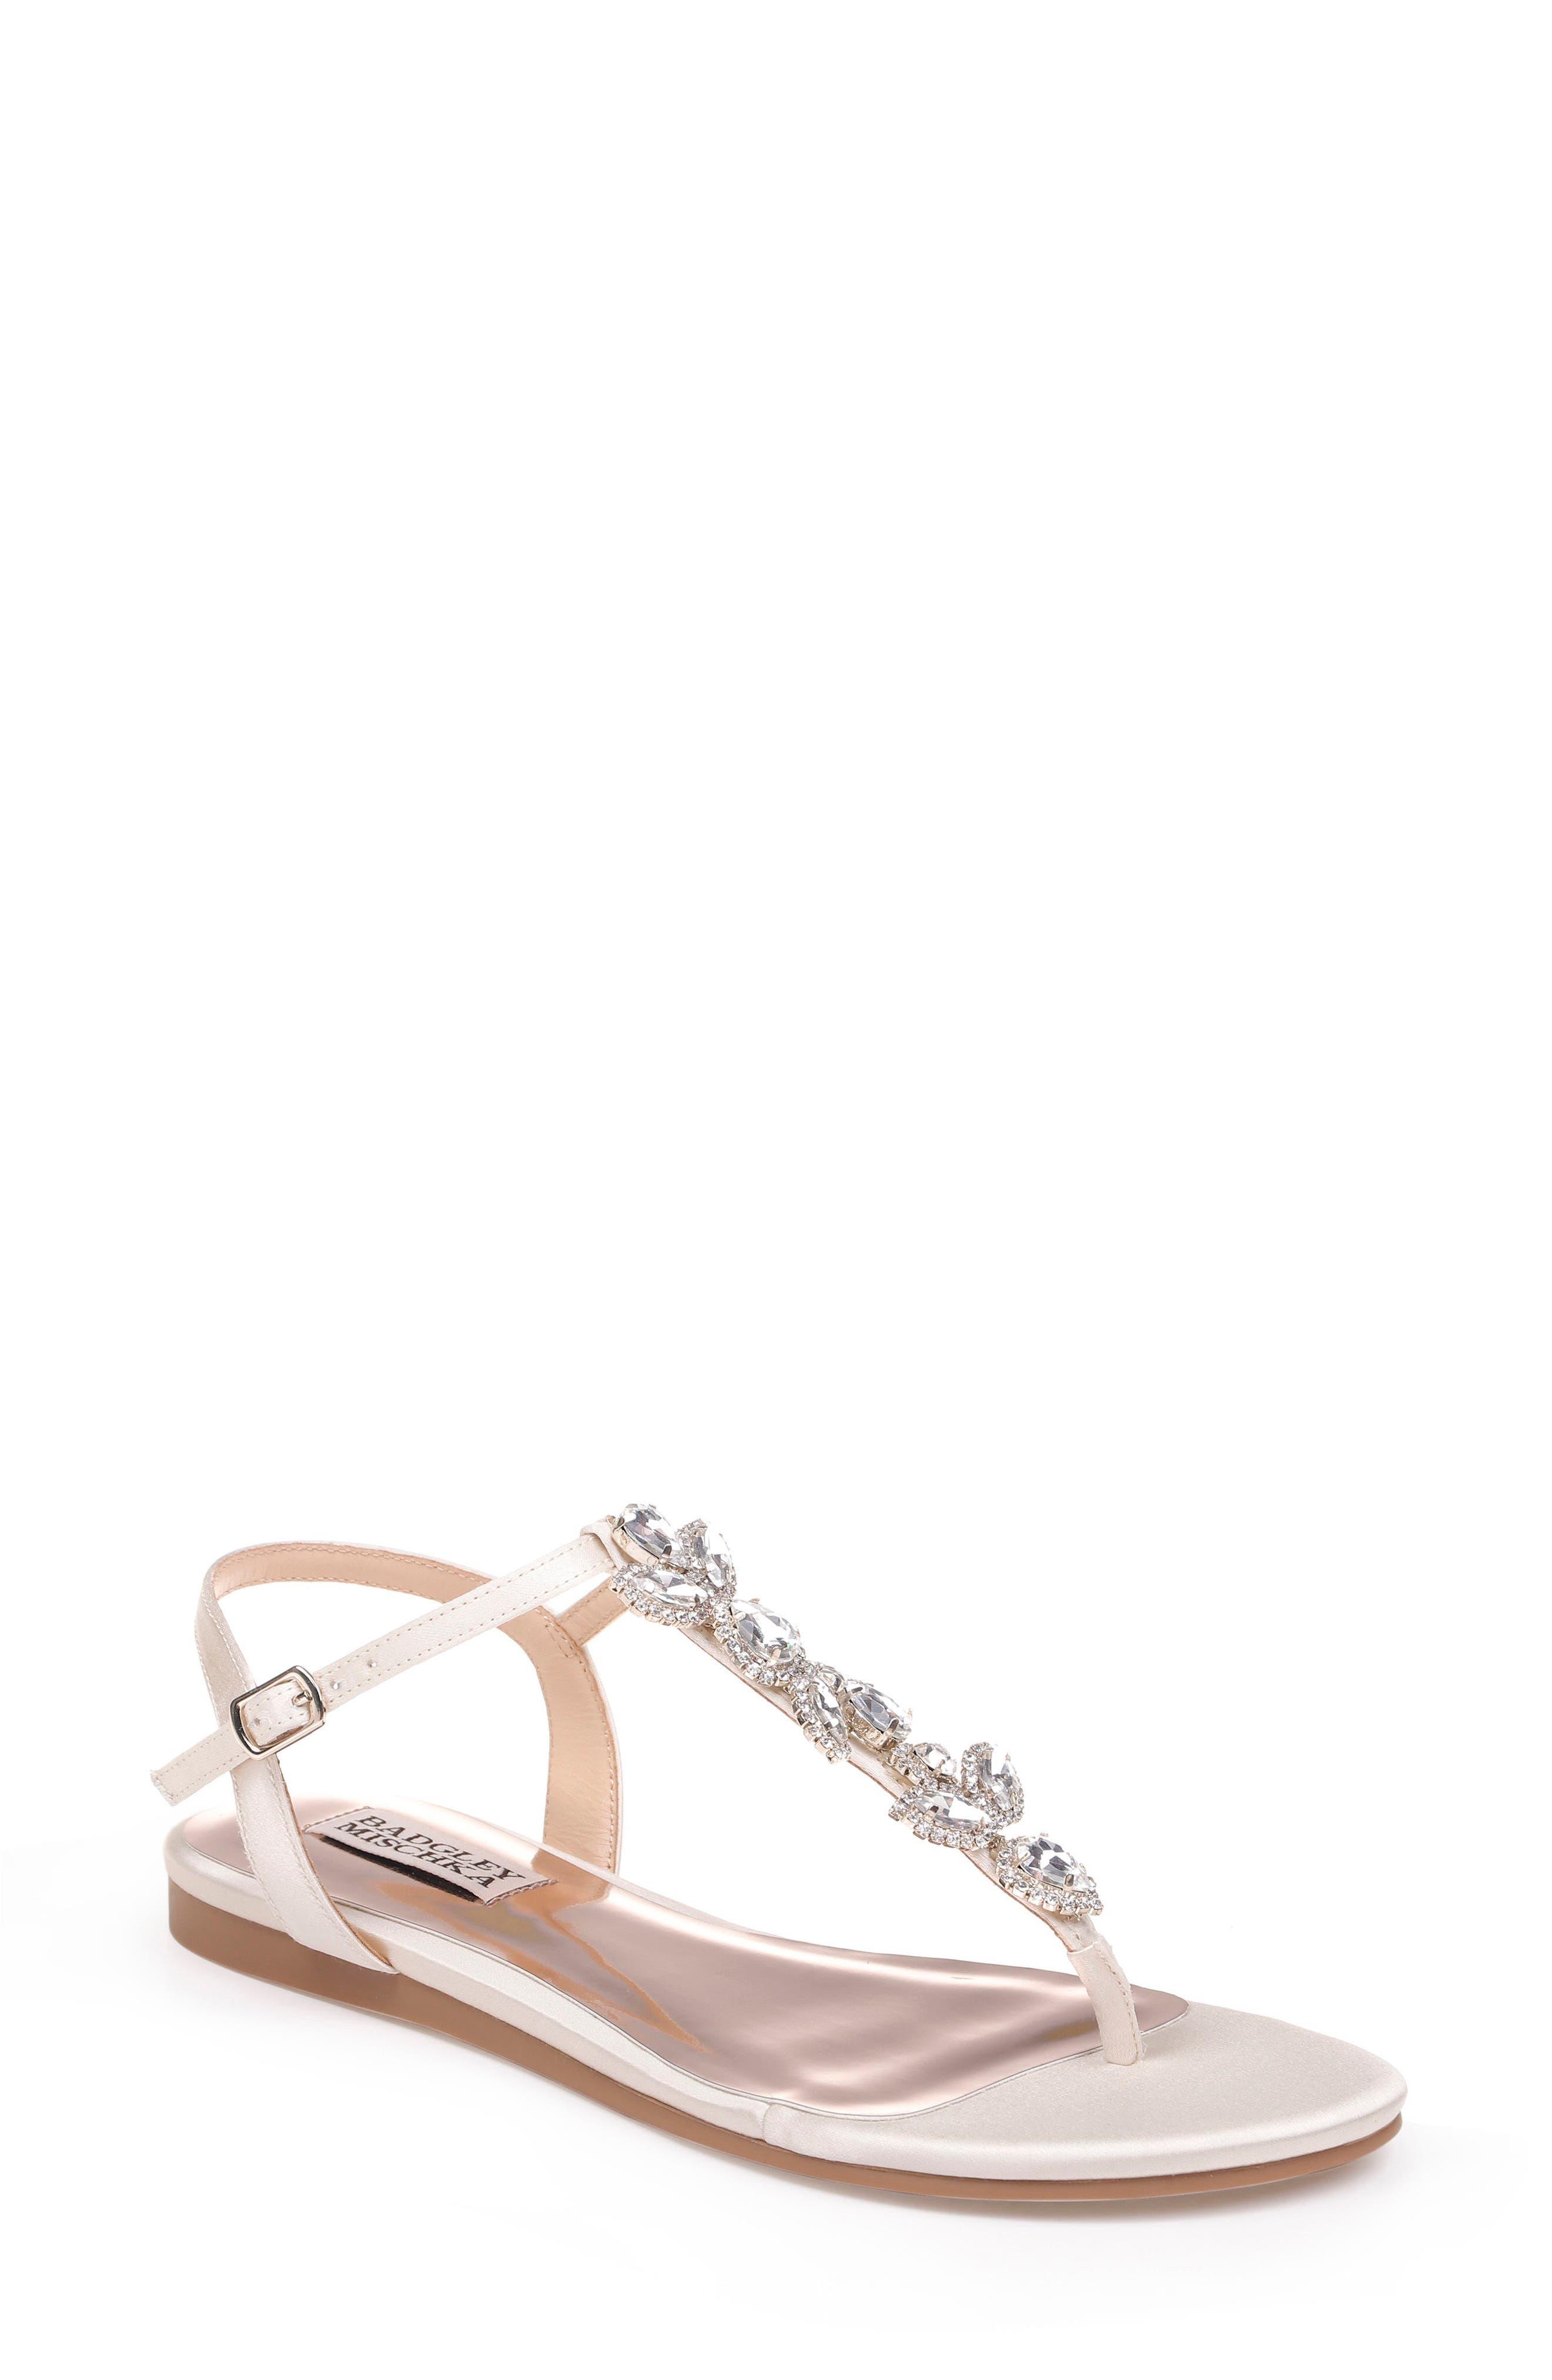 Sissi Crystal Embellished Sandal,                         Main,                         color, Ivory Satin